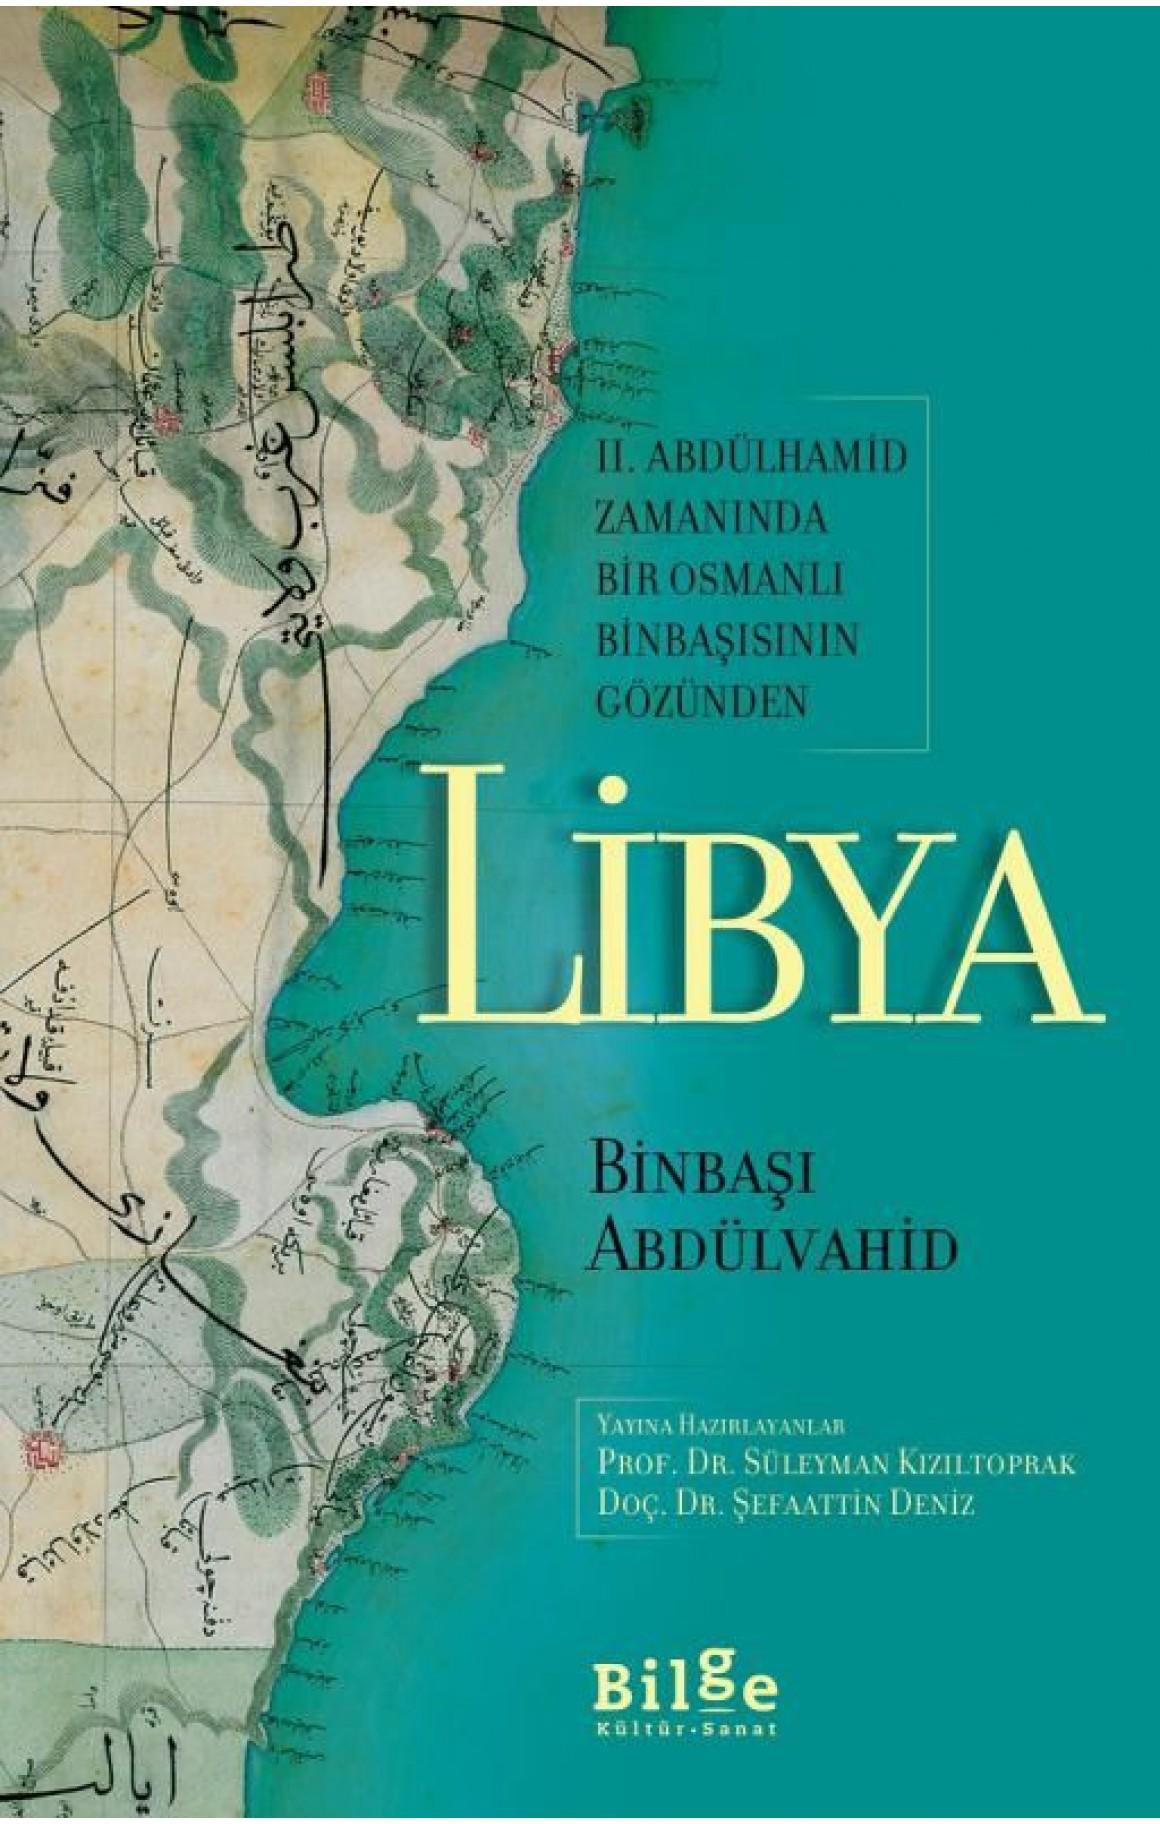 2. Abdülhamid Zamanında Bir Osmanlı Binbaşısının Gözünden Libya